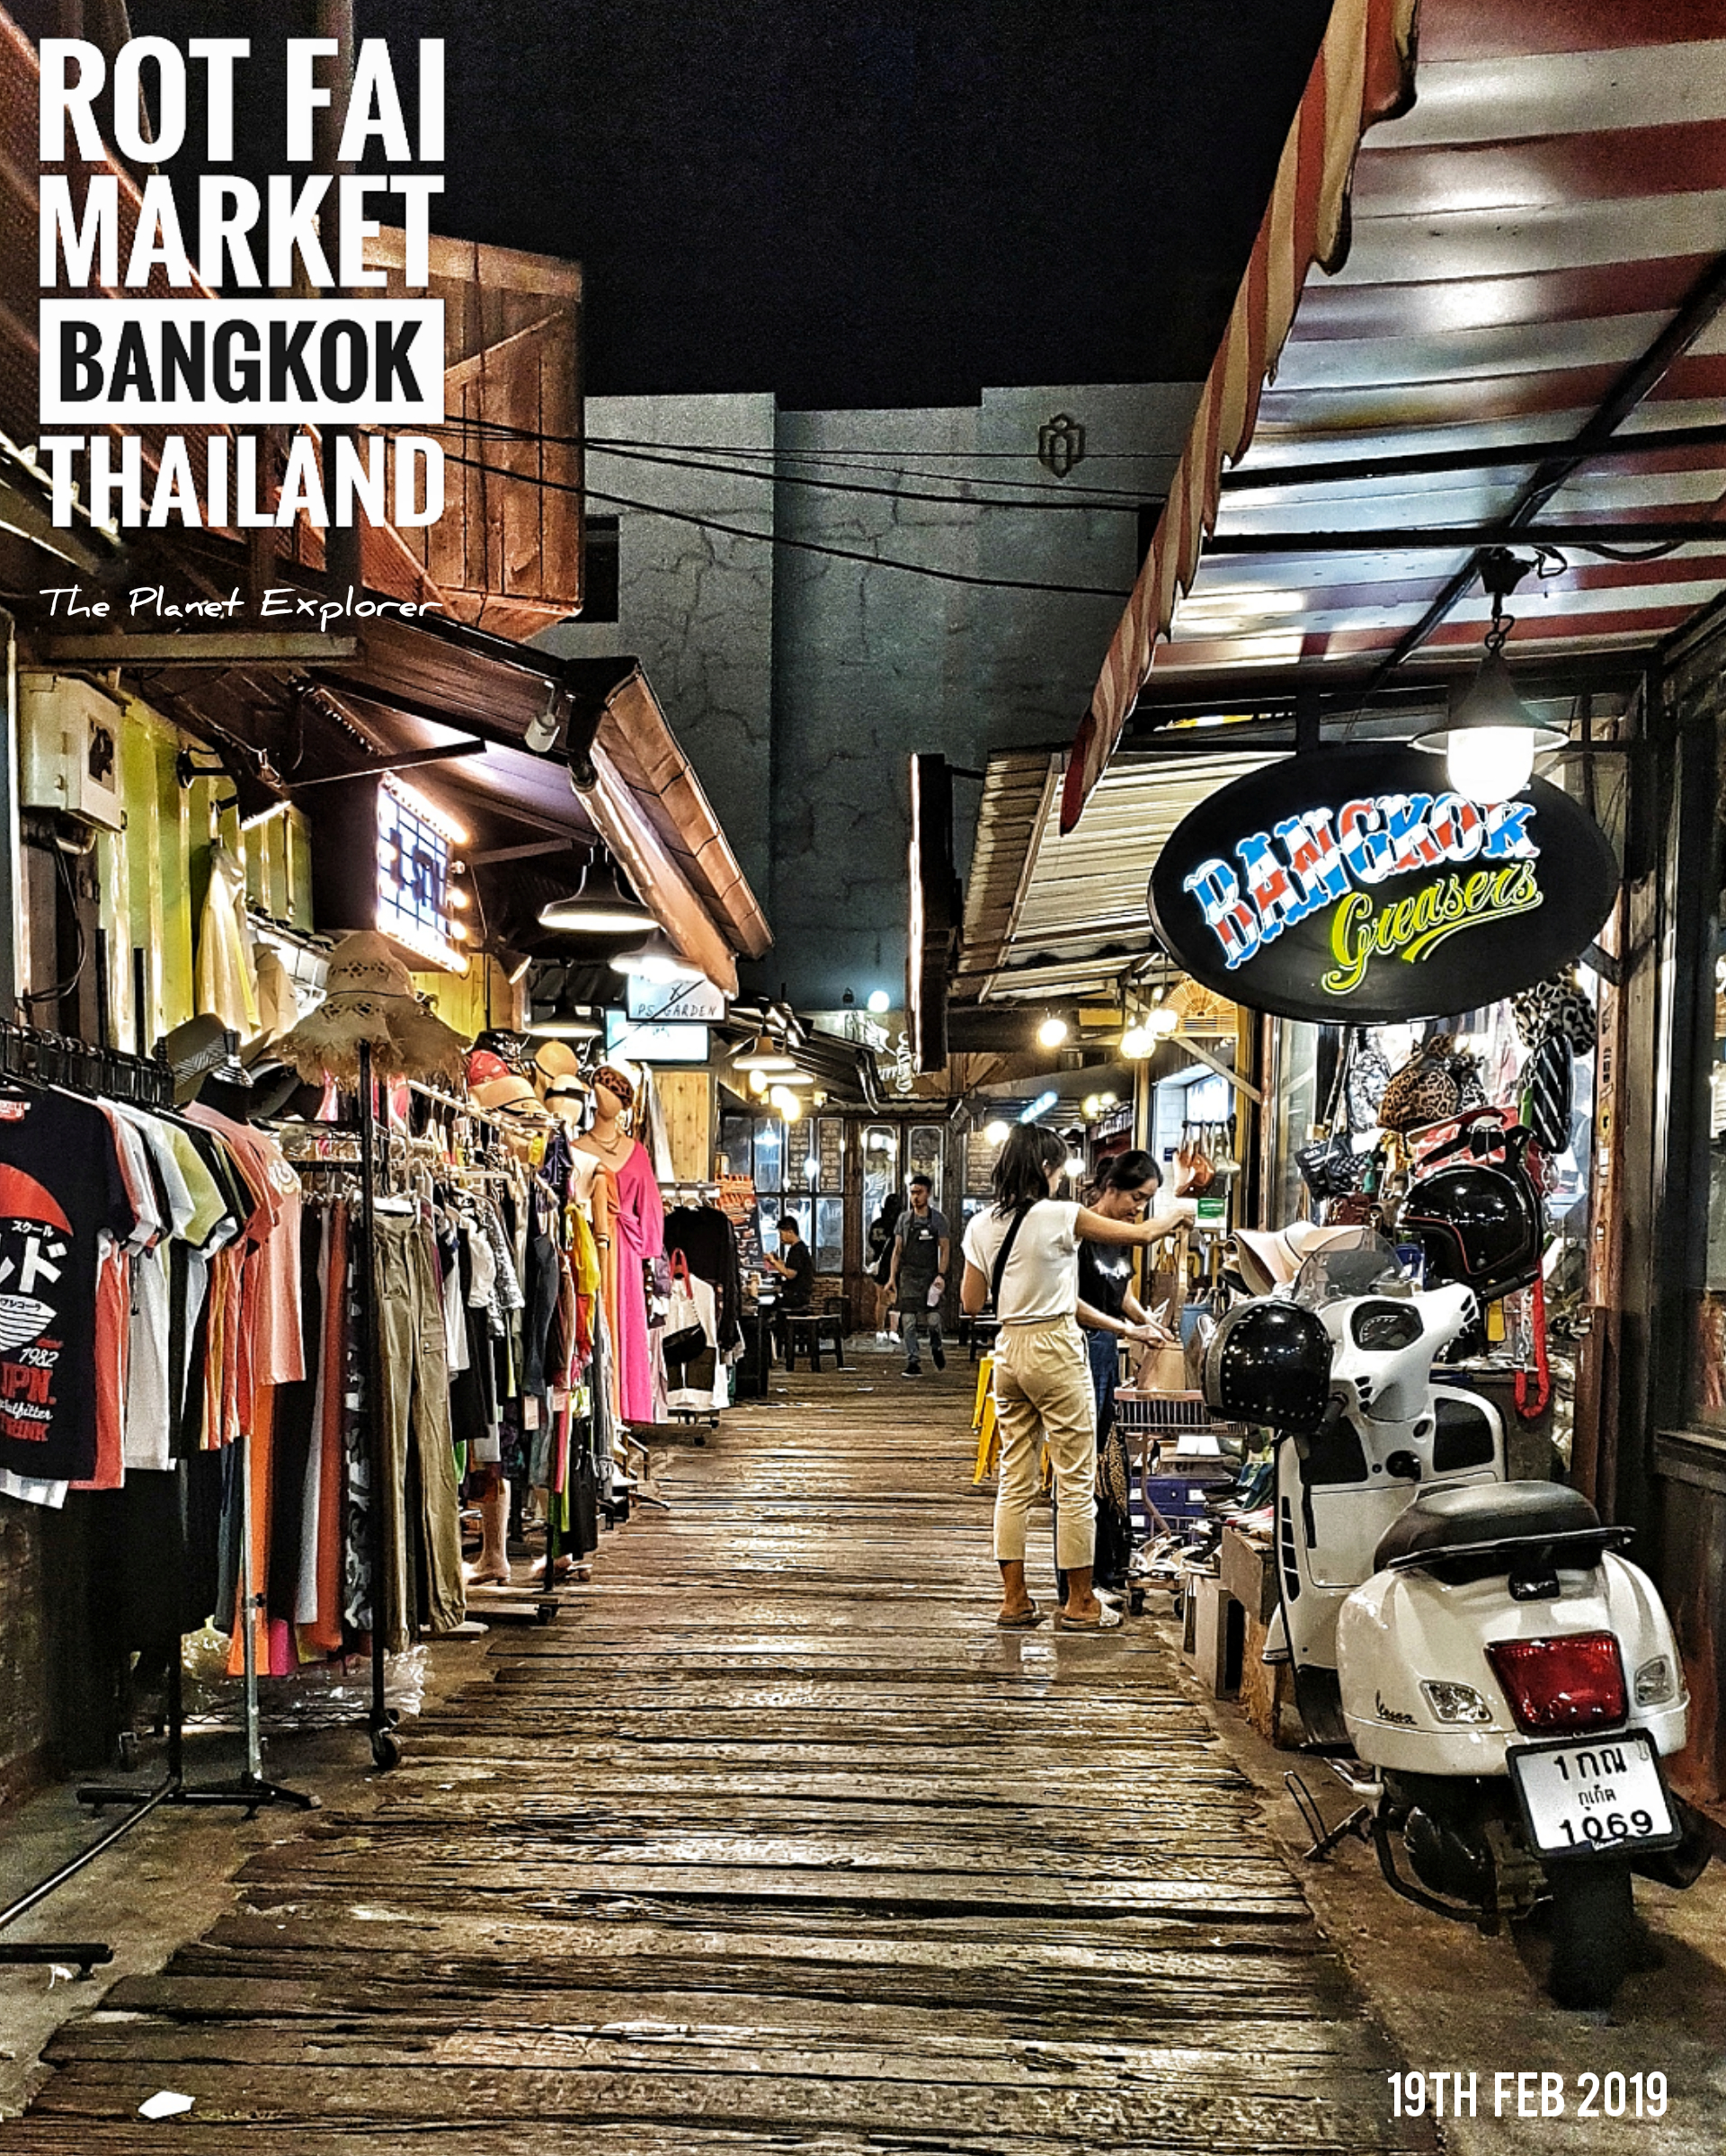 20190219_2145_Thailand_Bangkok_Rot Fai Market_Samsung N9_4x5_5.17mb_@_w